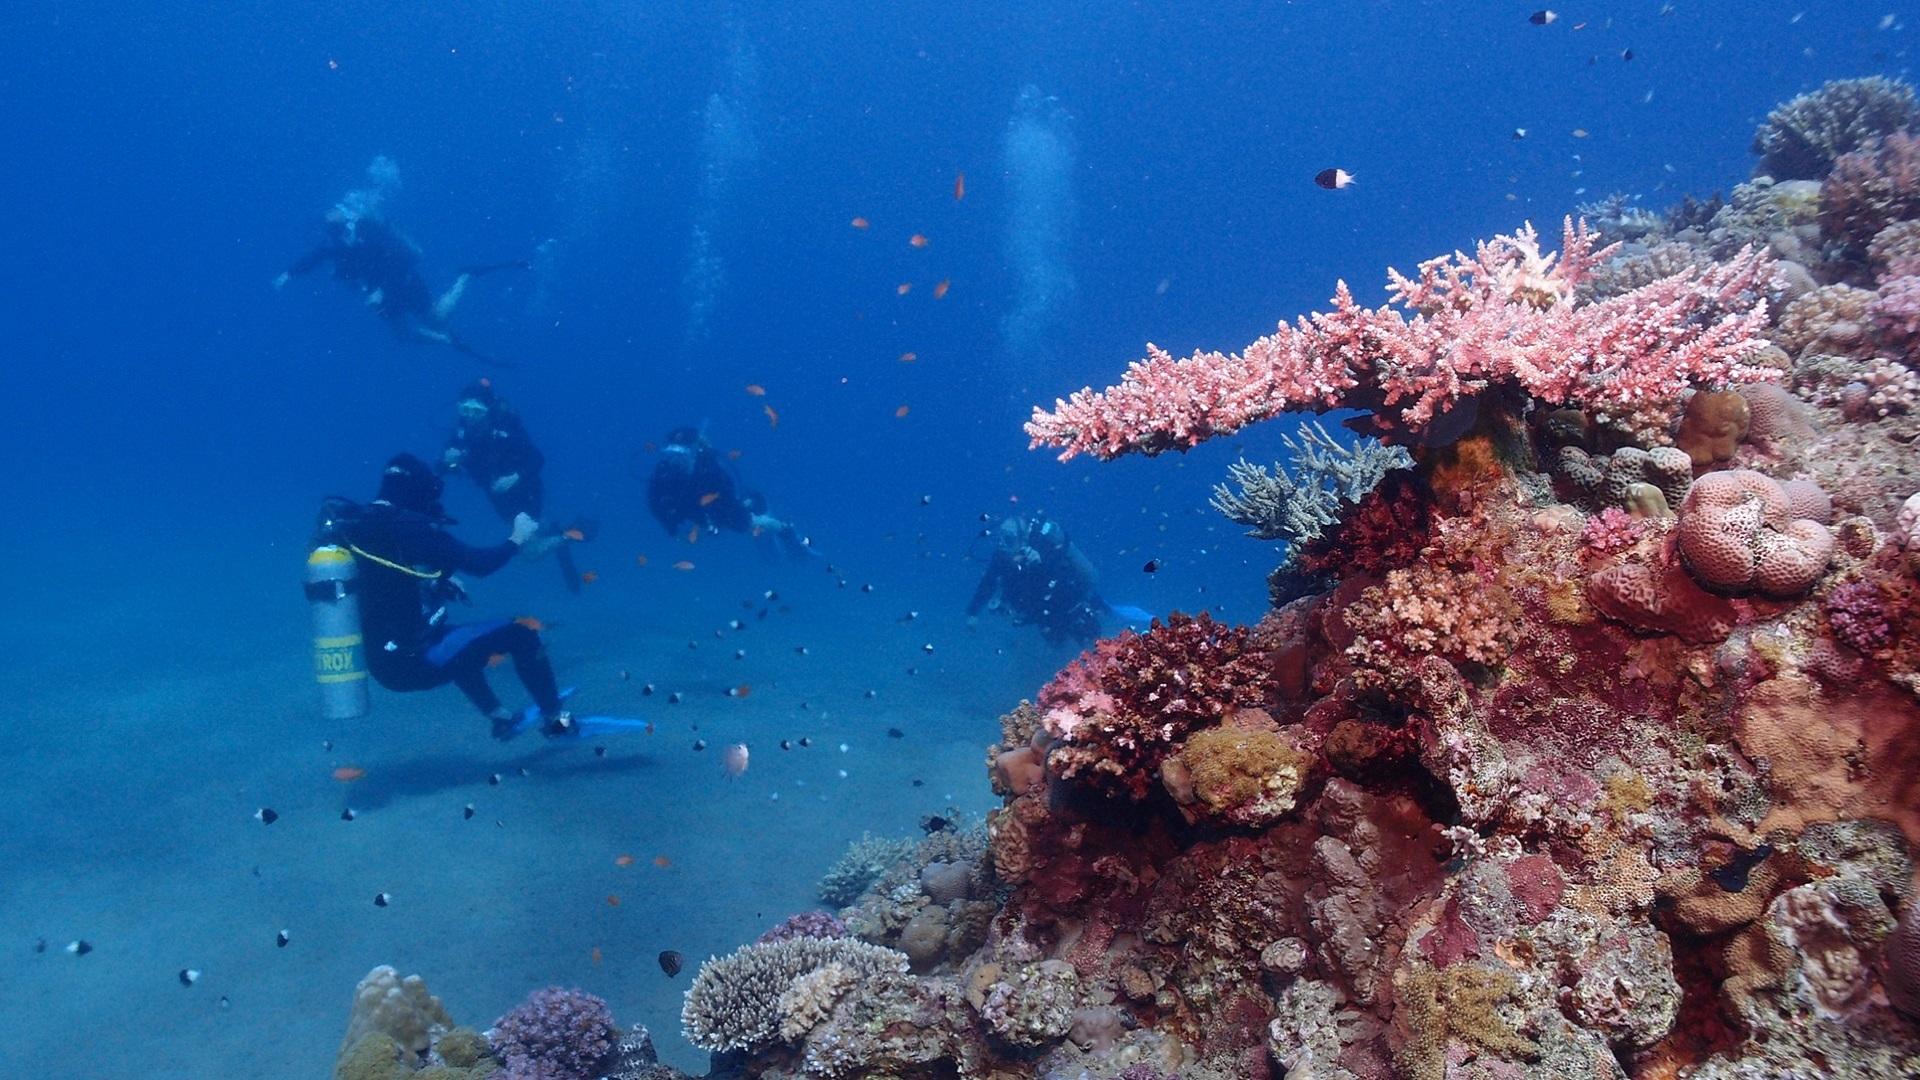 Nurkowanie w Morzu Czerwonym przy rafie koralowej